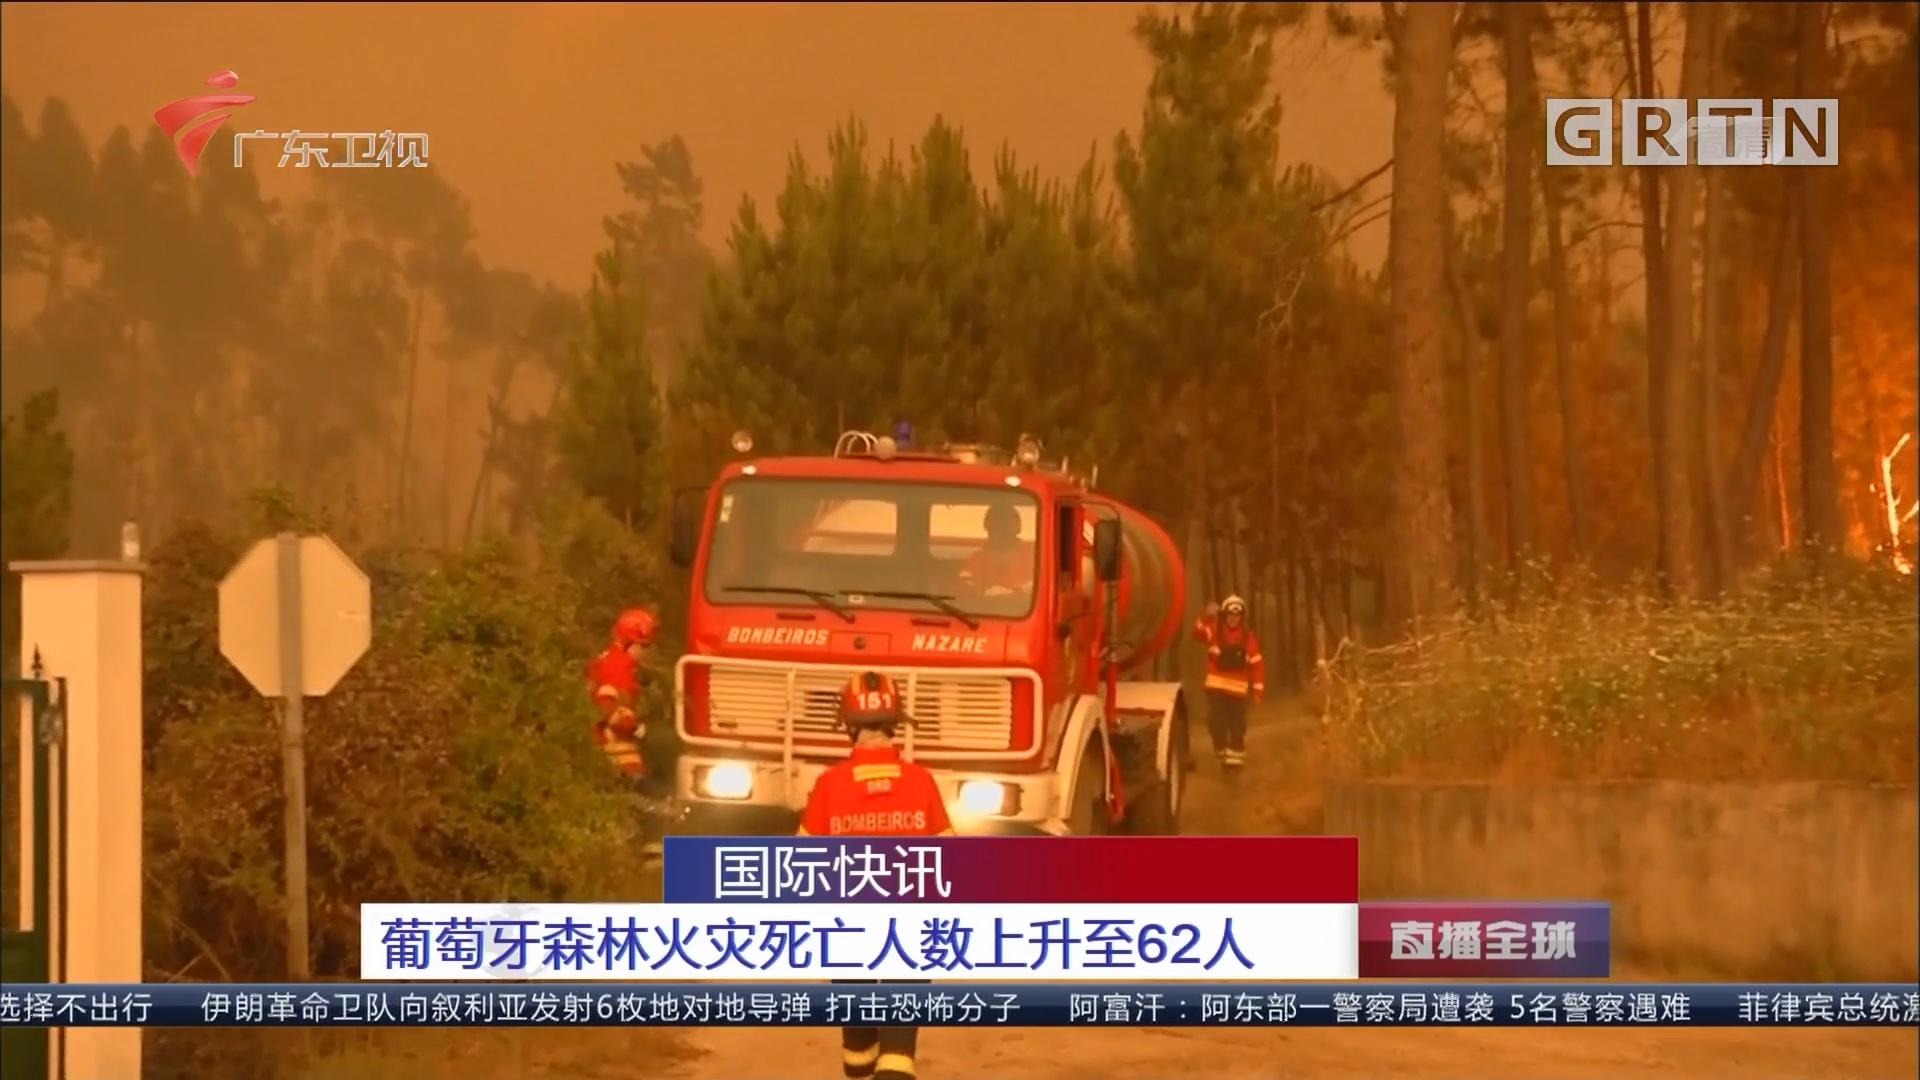 国际快讯:葡萄牙森林火灾死亡人数上升至62人